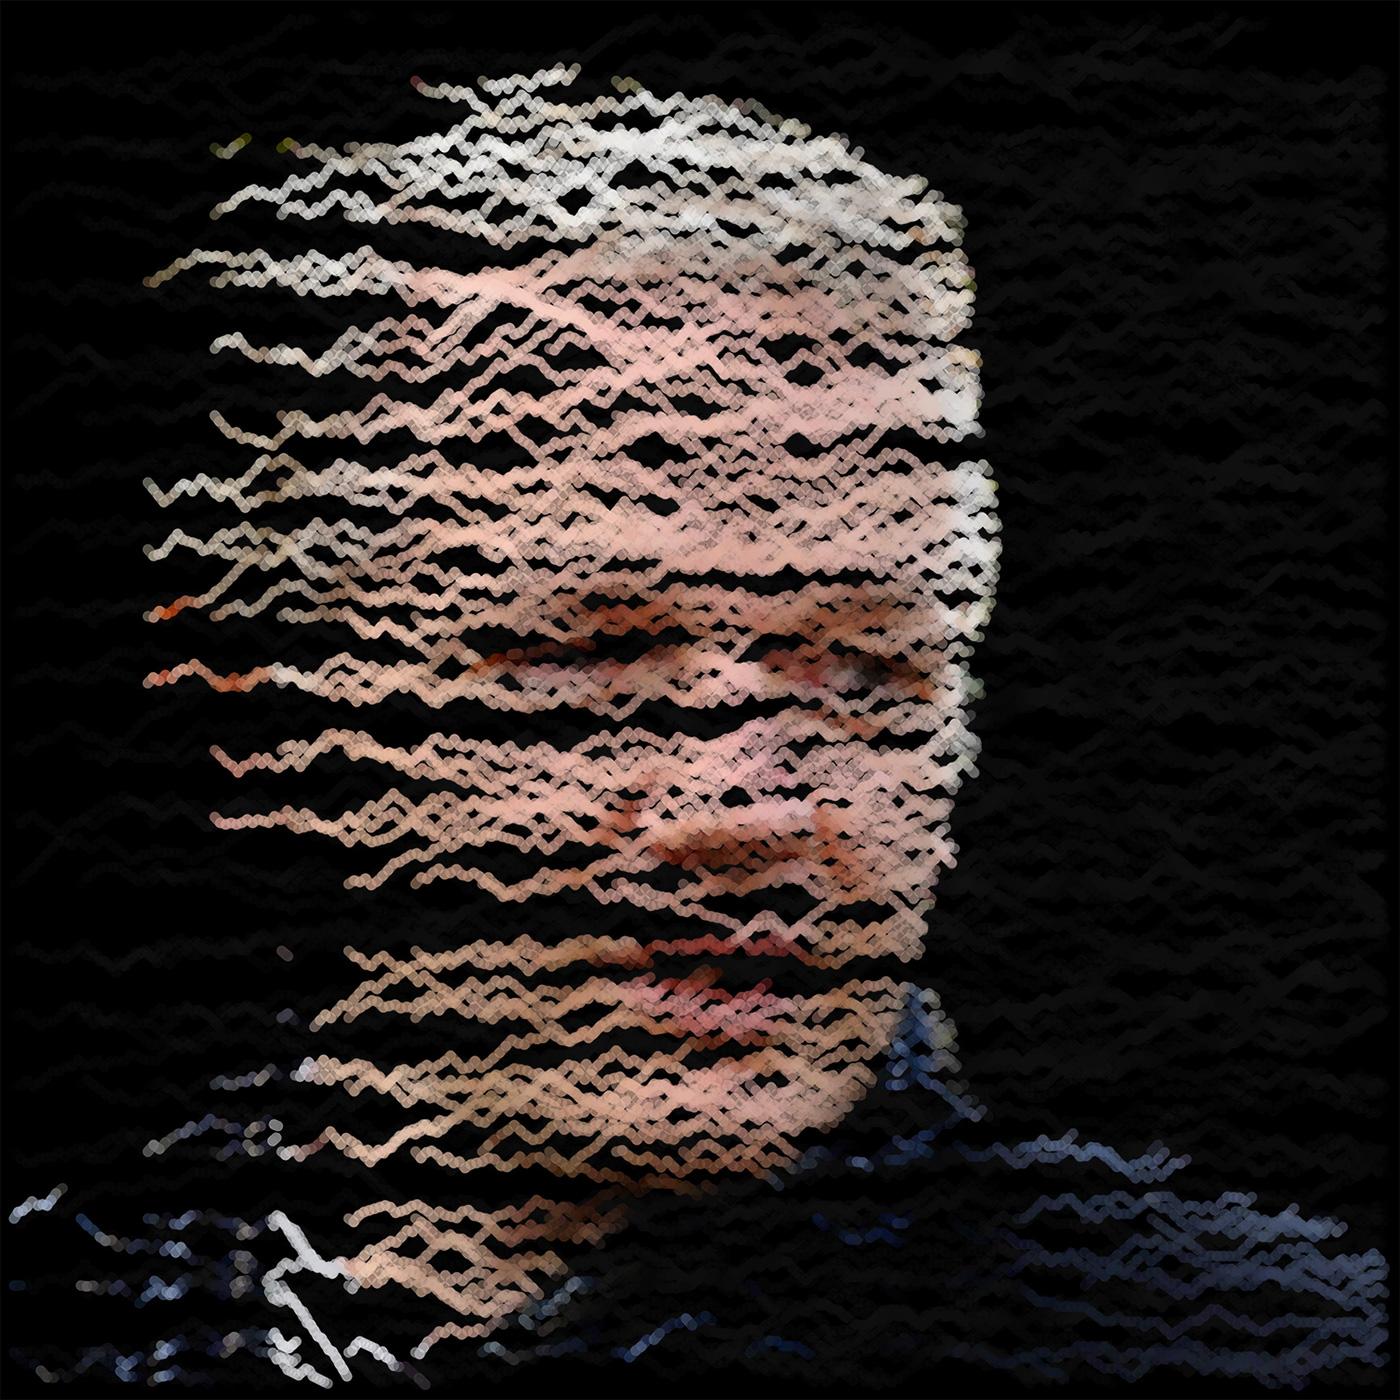 algorithmic art julian assange line art